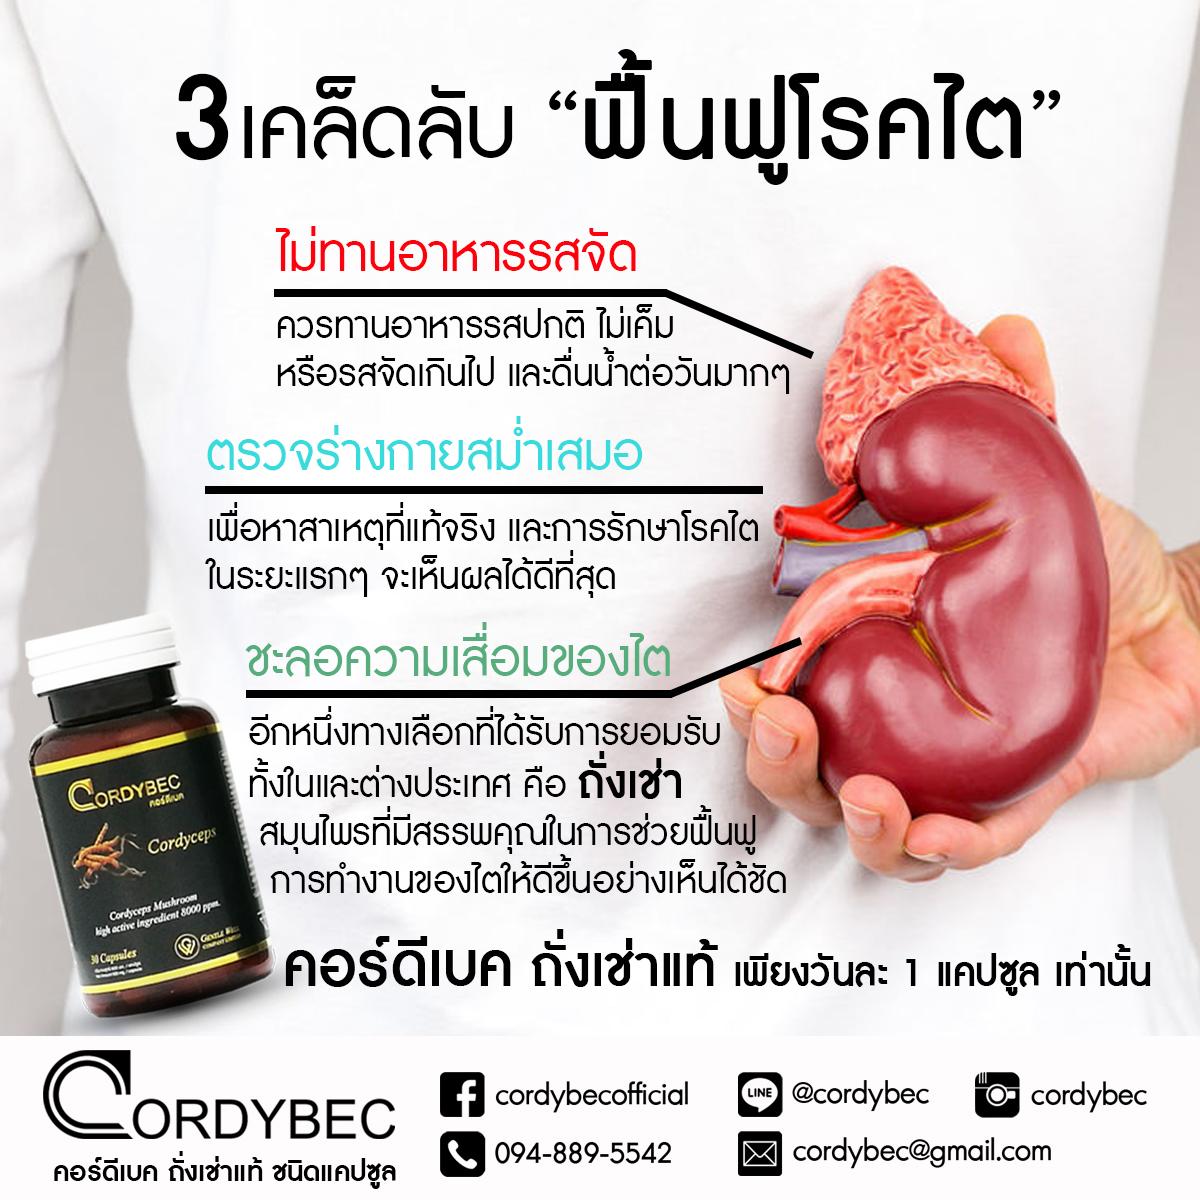 Cordybec kidney 010